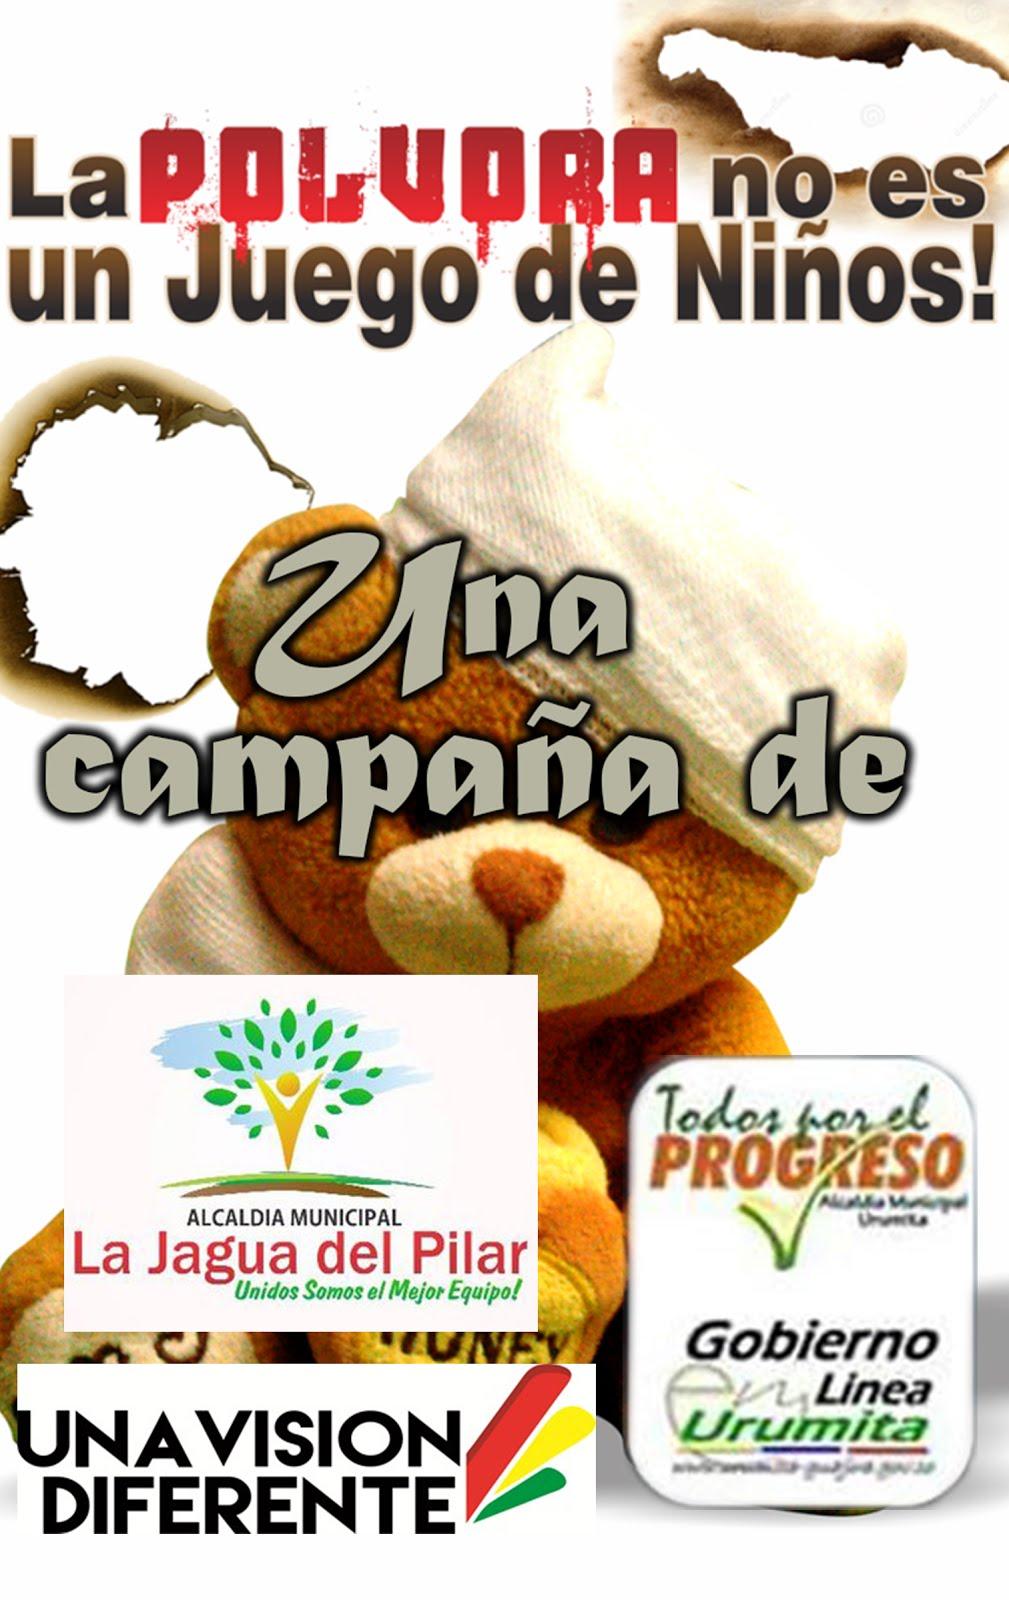 CAMPAÑA NO A LA POLVORA